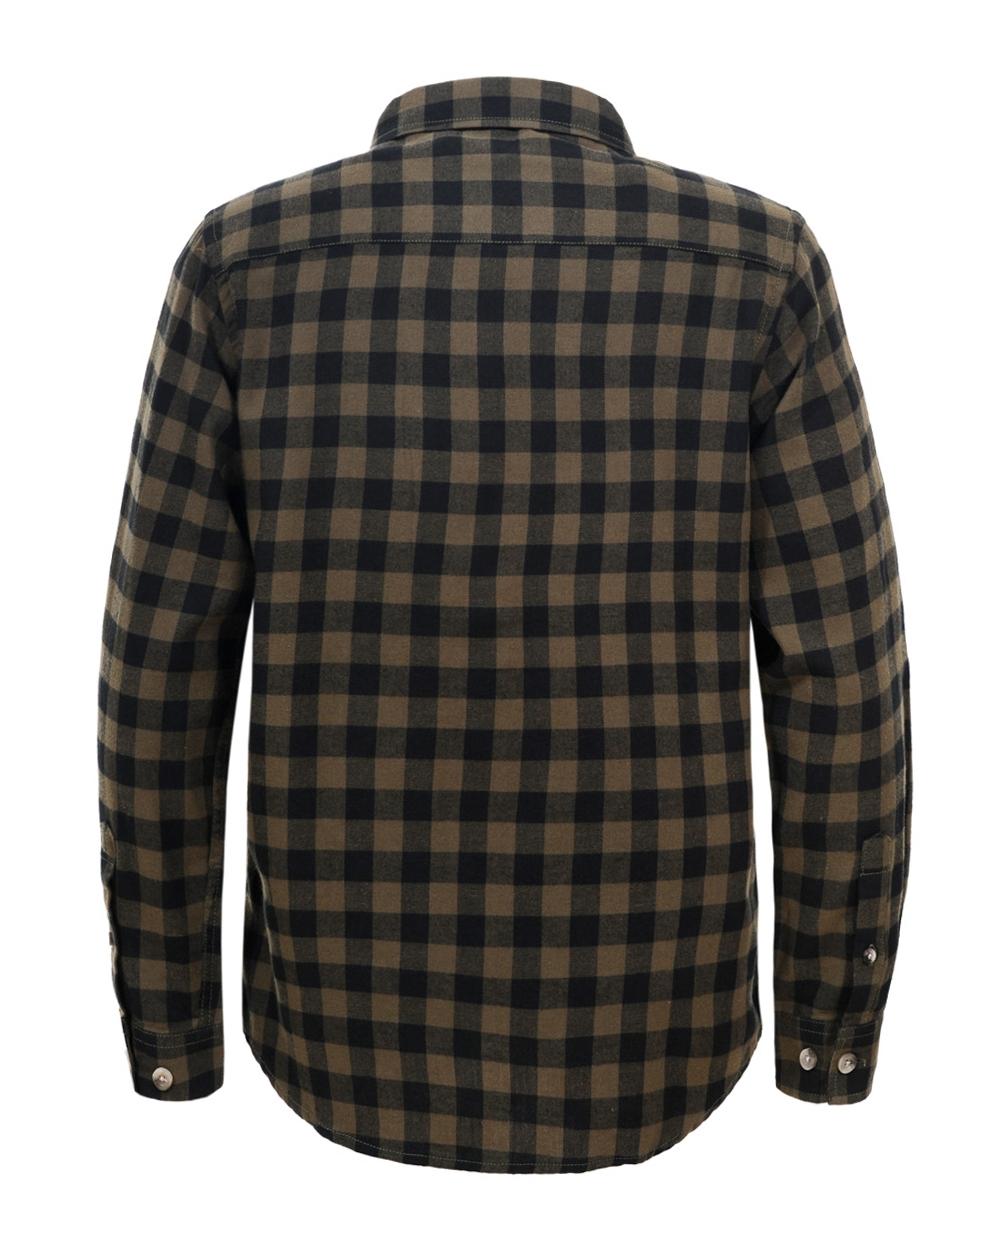 2218b3d6b5c562 Sportowa koszula do jeansów 134-146 BCS-4831 czarny plus zielony